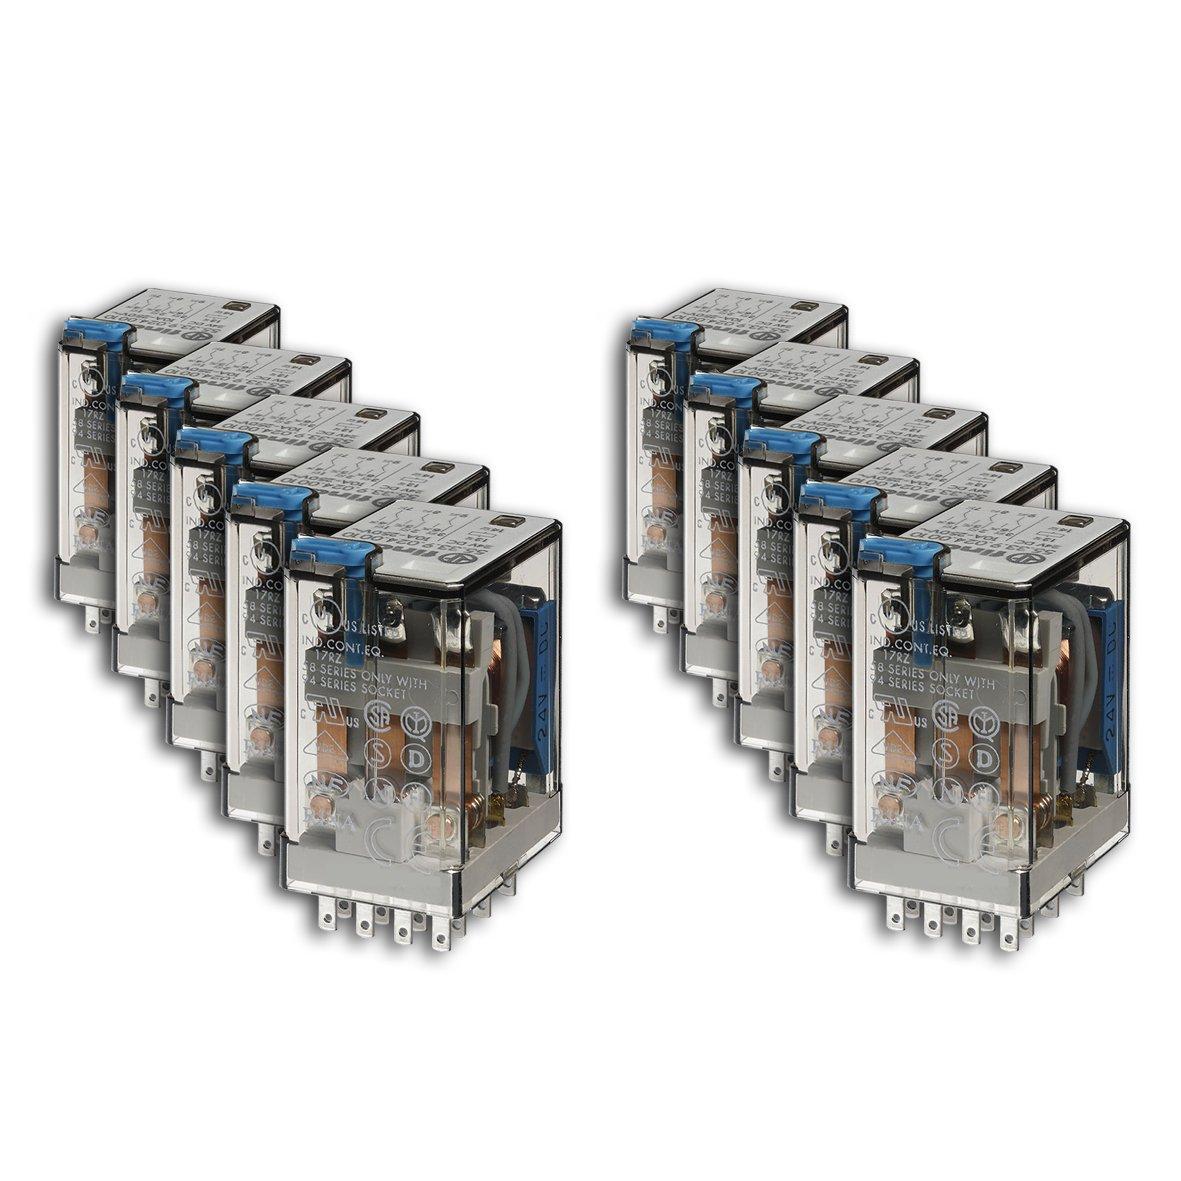 Finder 553490480040 Relais embrochable 4RT 7 A 48 VDC Bouton test/Indicateur mé canique en lot de 10 unité s